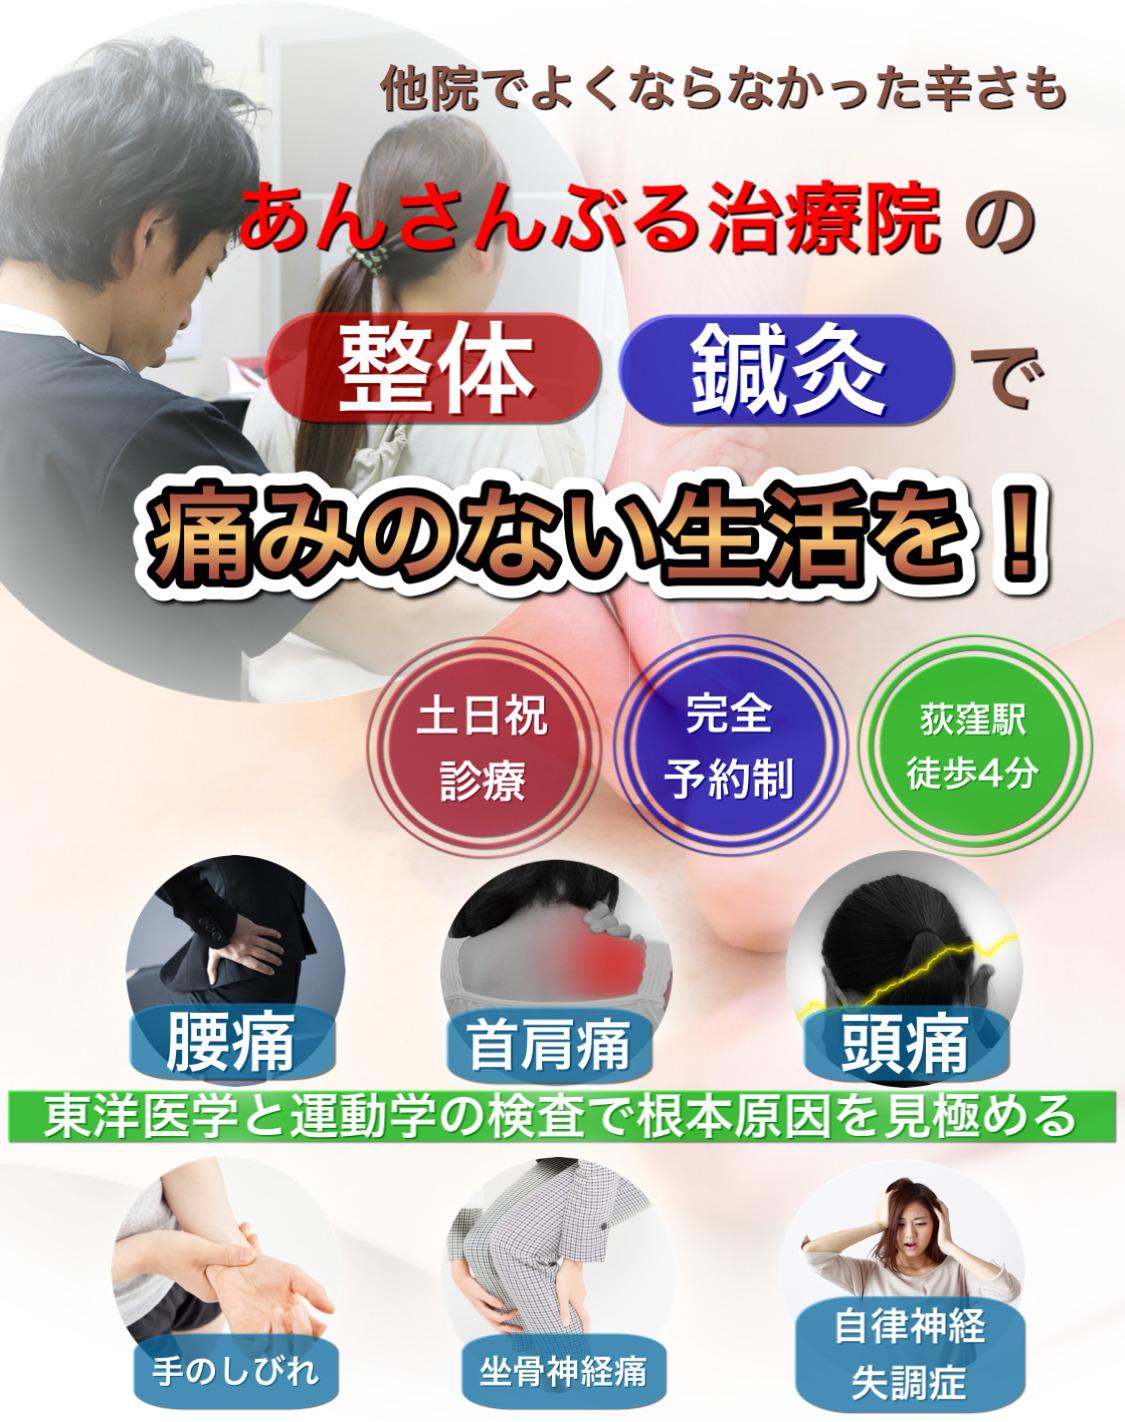 荻窪で評判の整体院!肩こり腰痛治療で改善